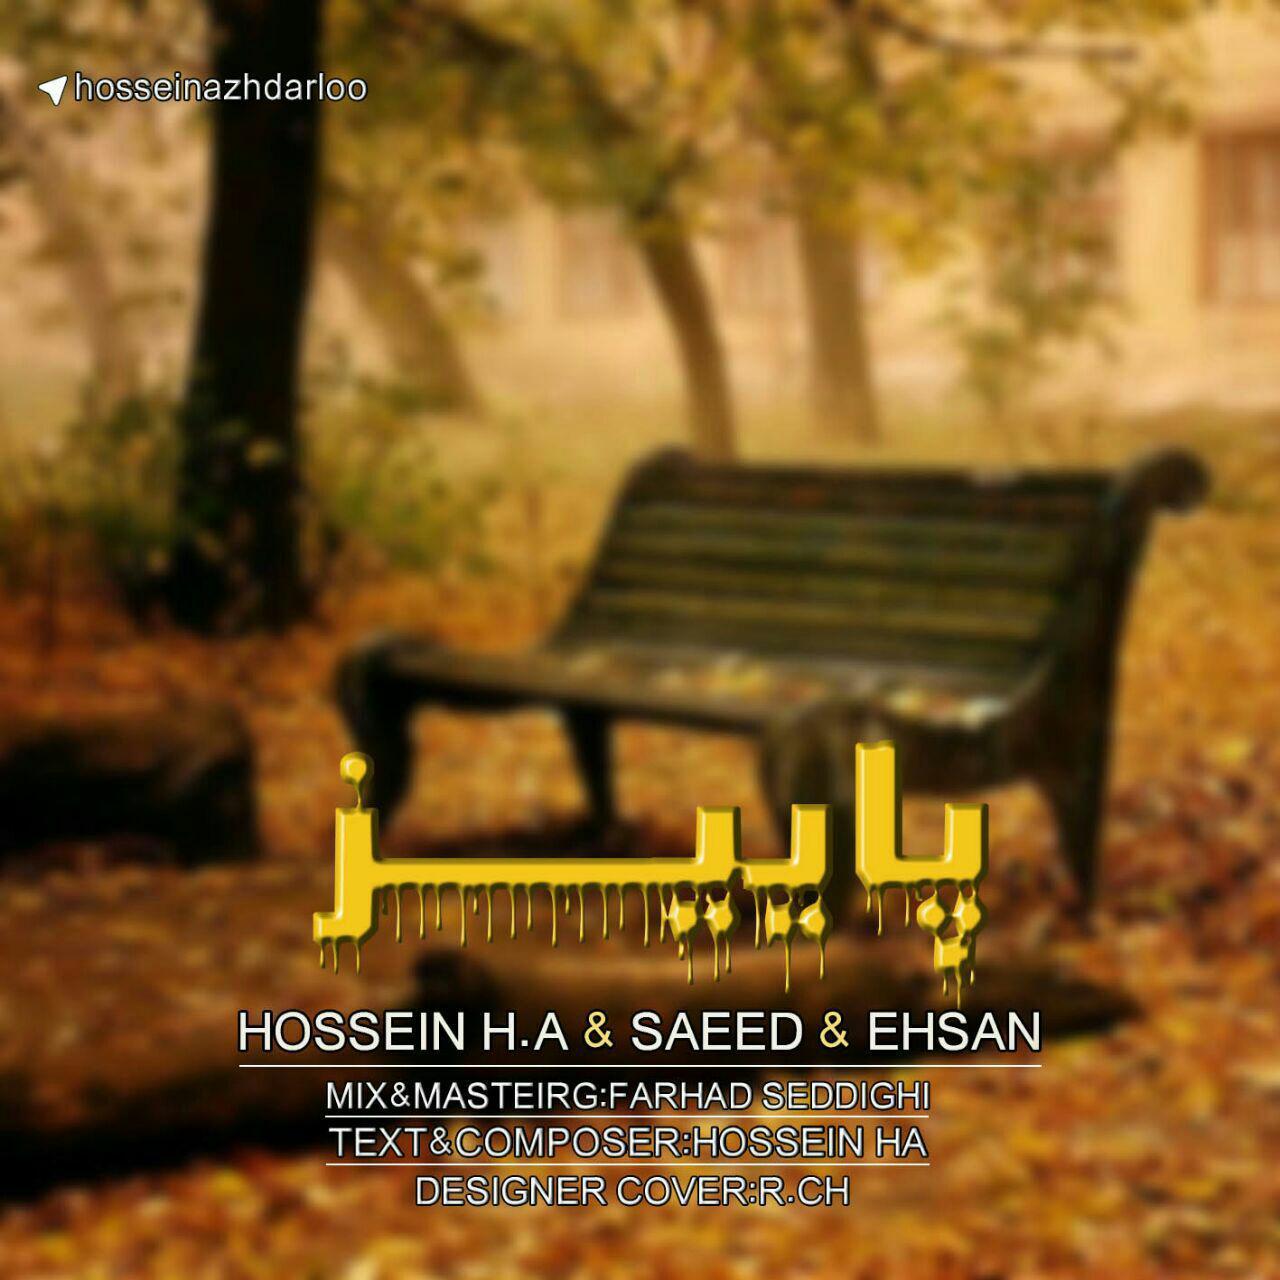 دانلود آهنگ جدید حسین H.A به همراهی سعید و احسان با نام پائیز